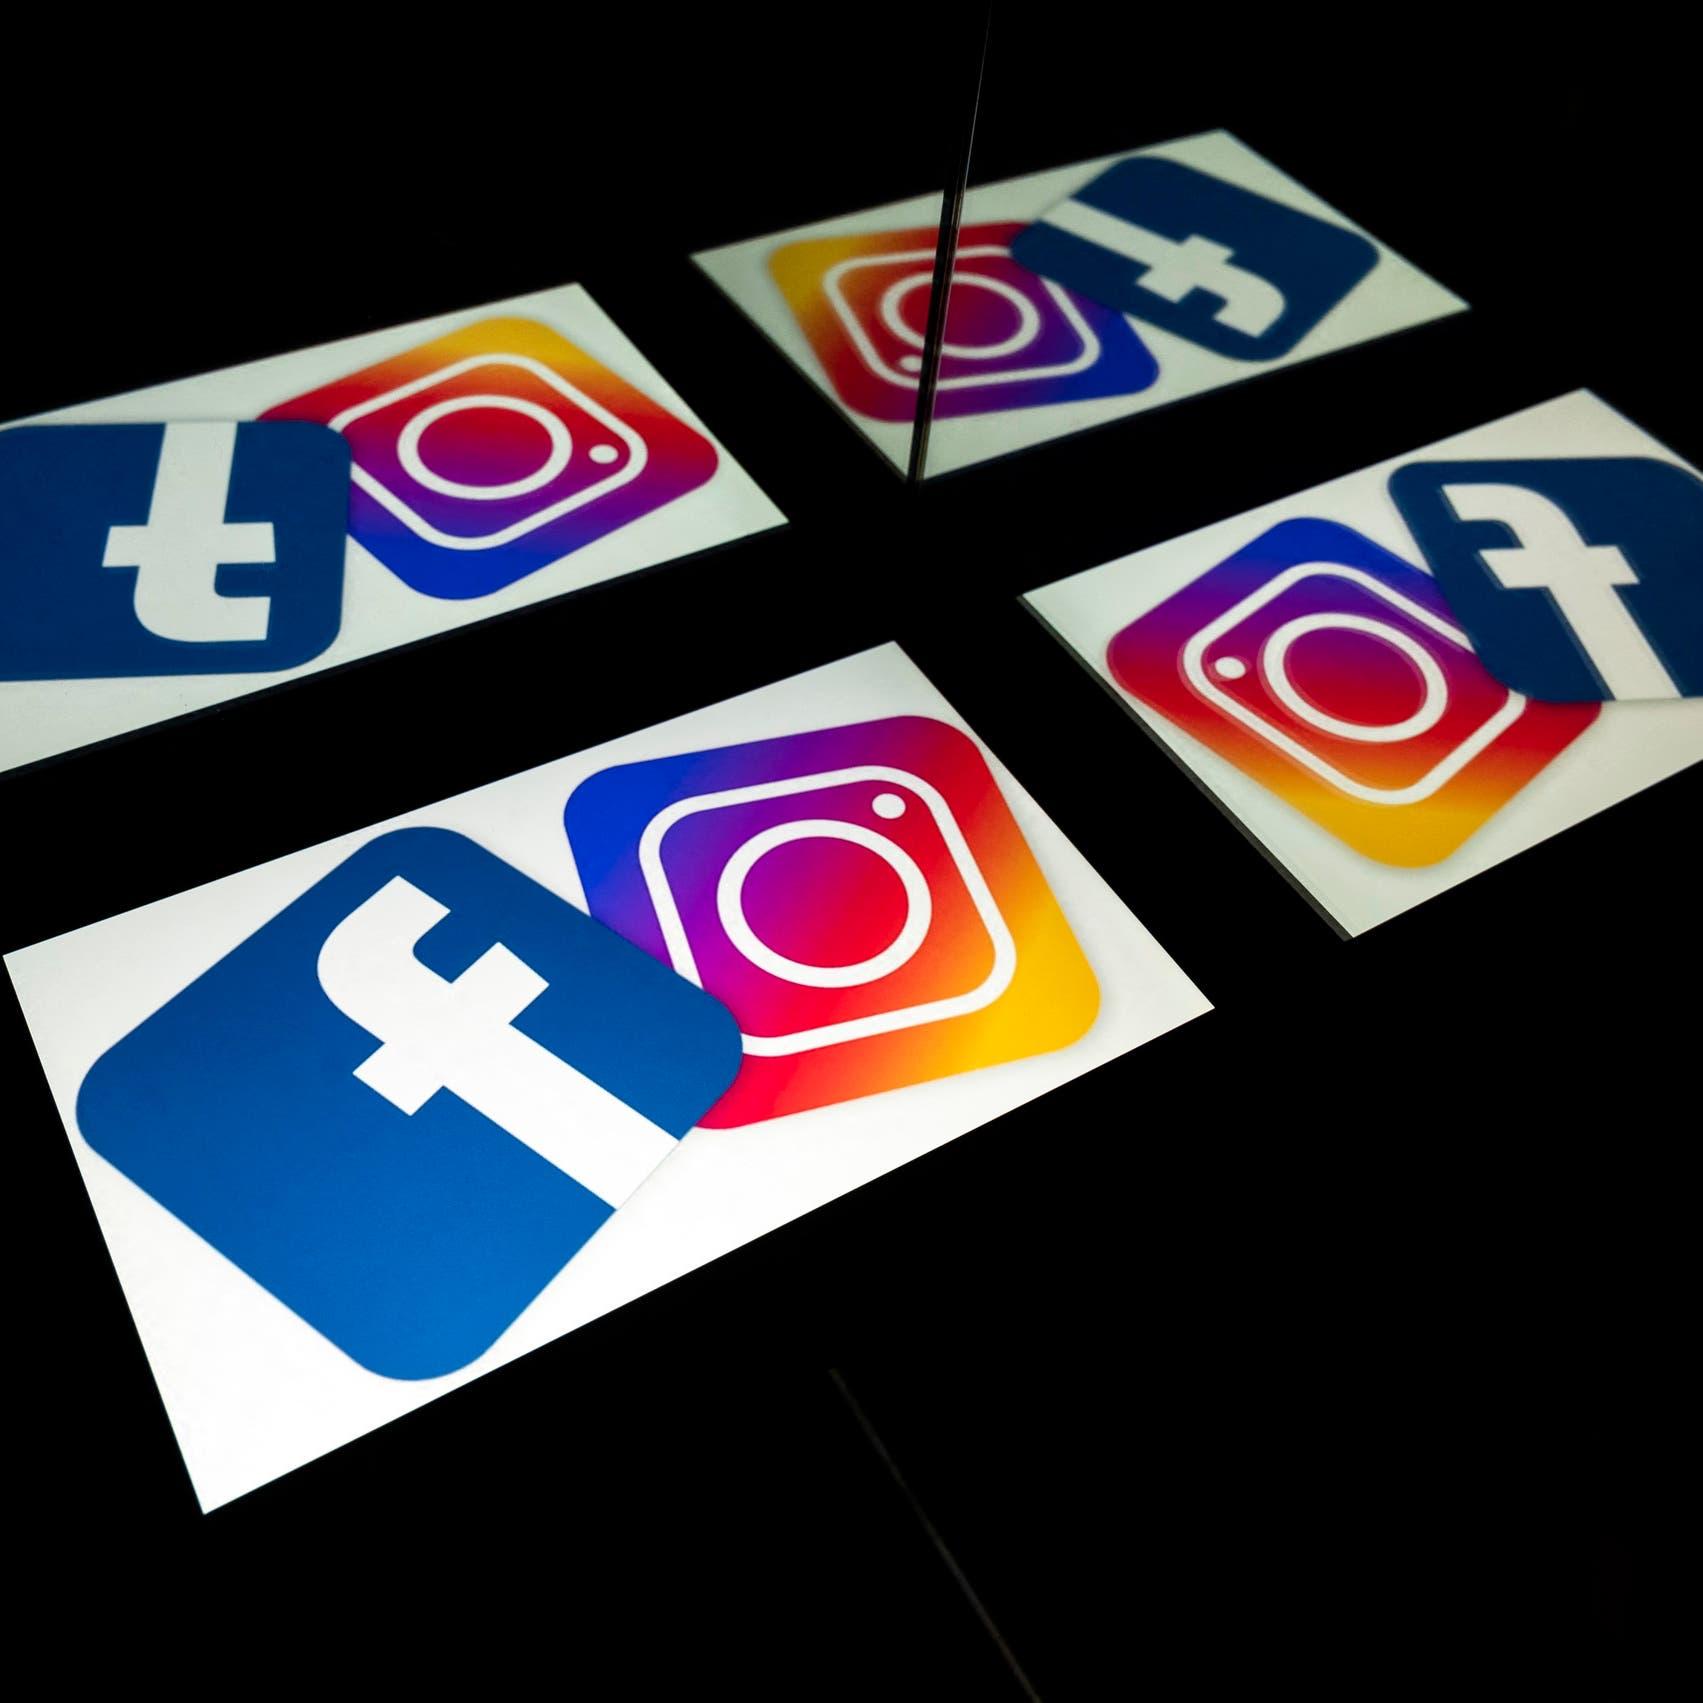 بعد غموض لساعات.. فيسبوك تكشف سبب توقف خدماتها عالمياً